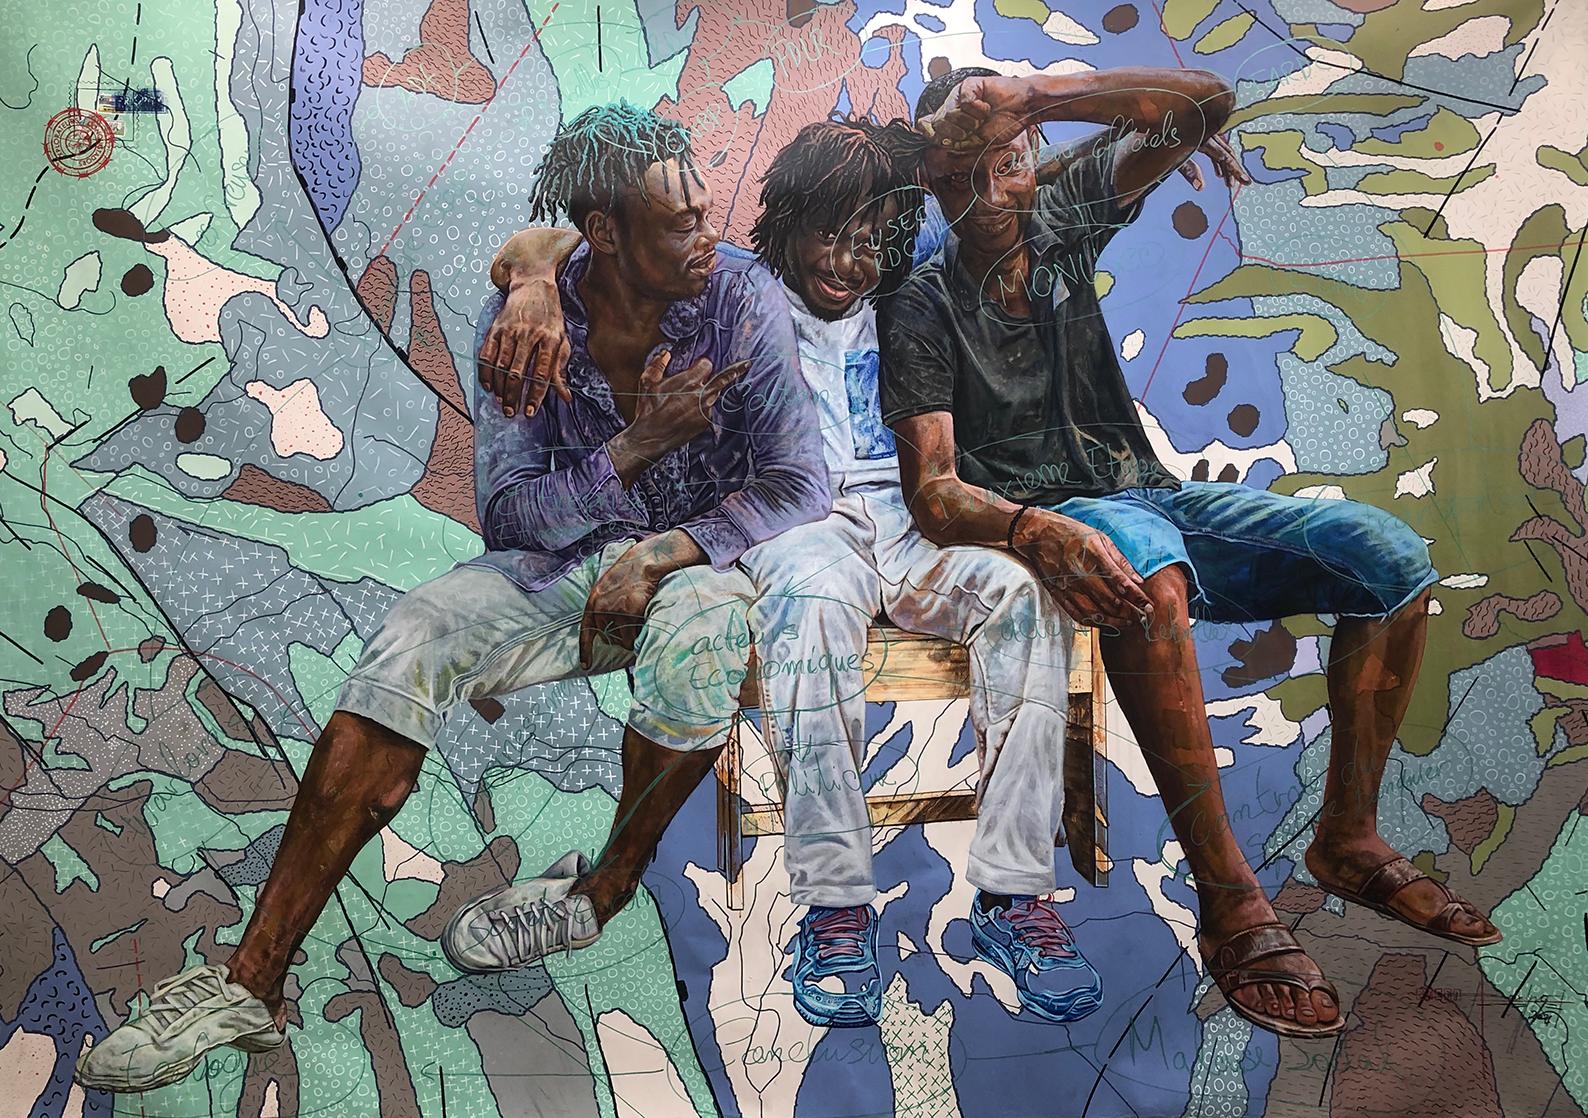 Jean-David-Nkot_Po.Box-The-hope-of-the-soul-2021_200x300-cm